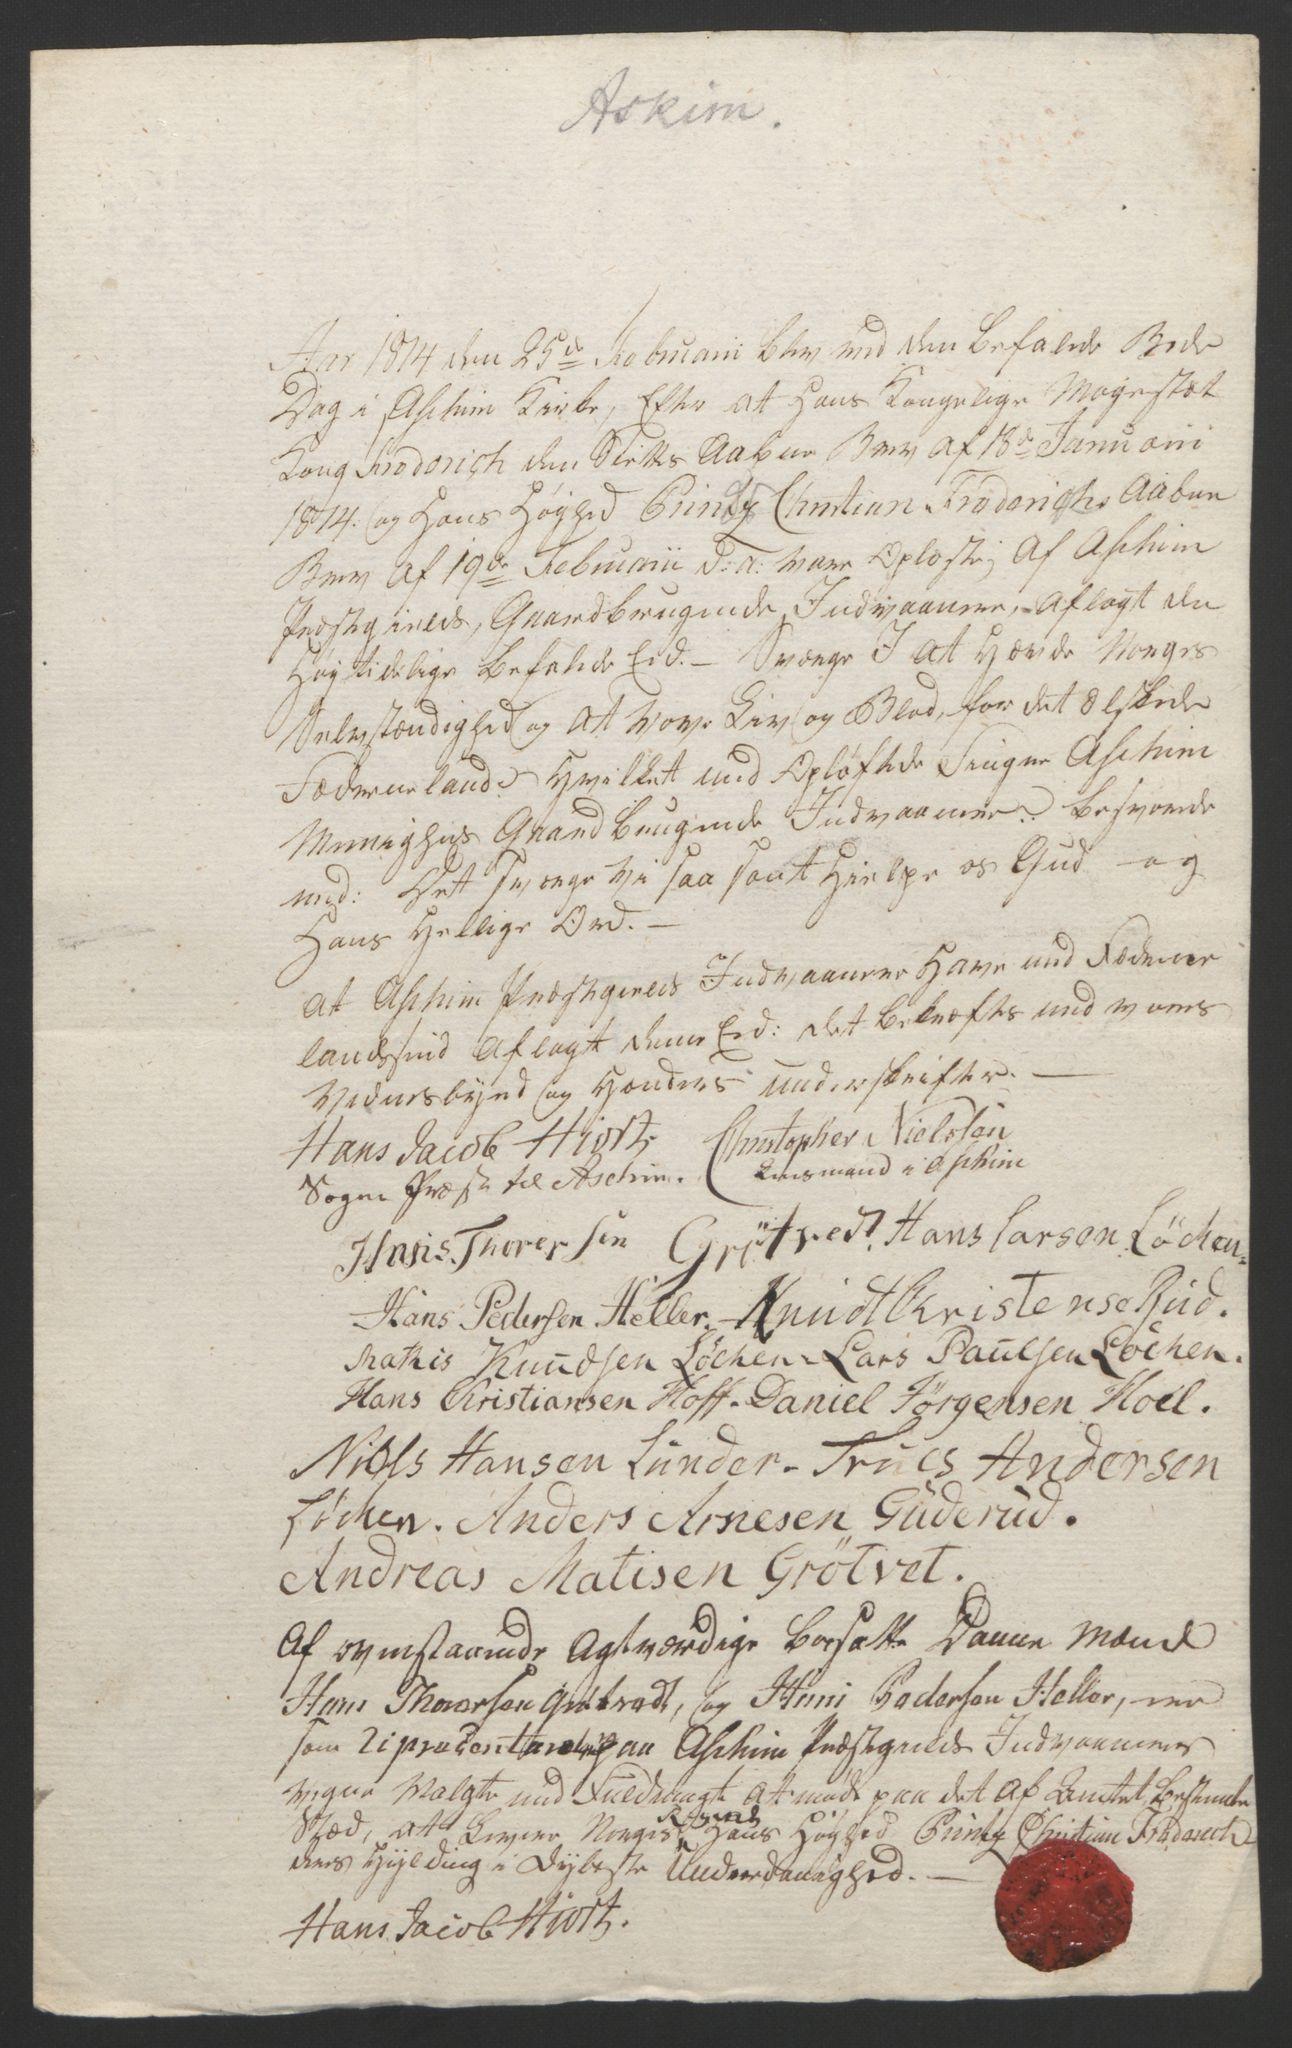 RA, Statsrådssekretariatet, D/Db/L0007: Fullmakter for Eidsvollsrepresentantene i 1814. , 1814, s. 141